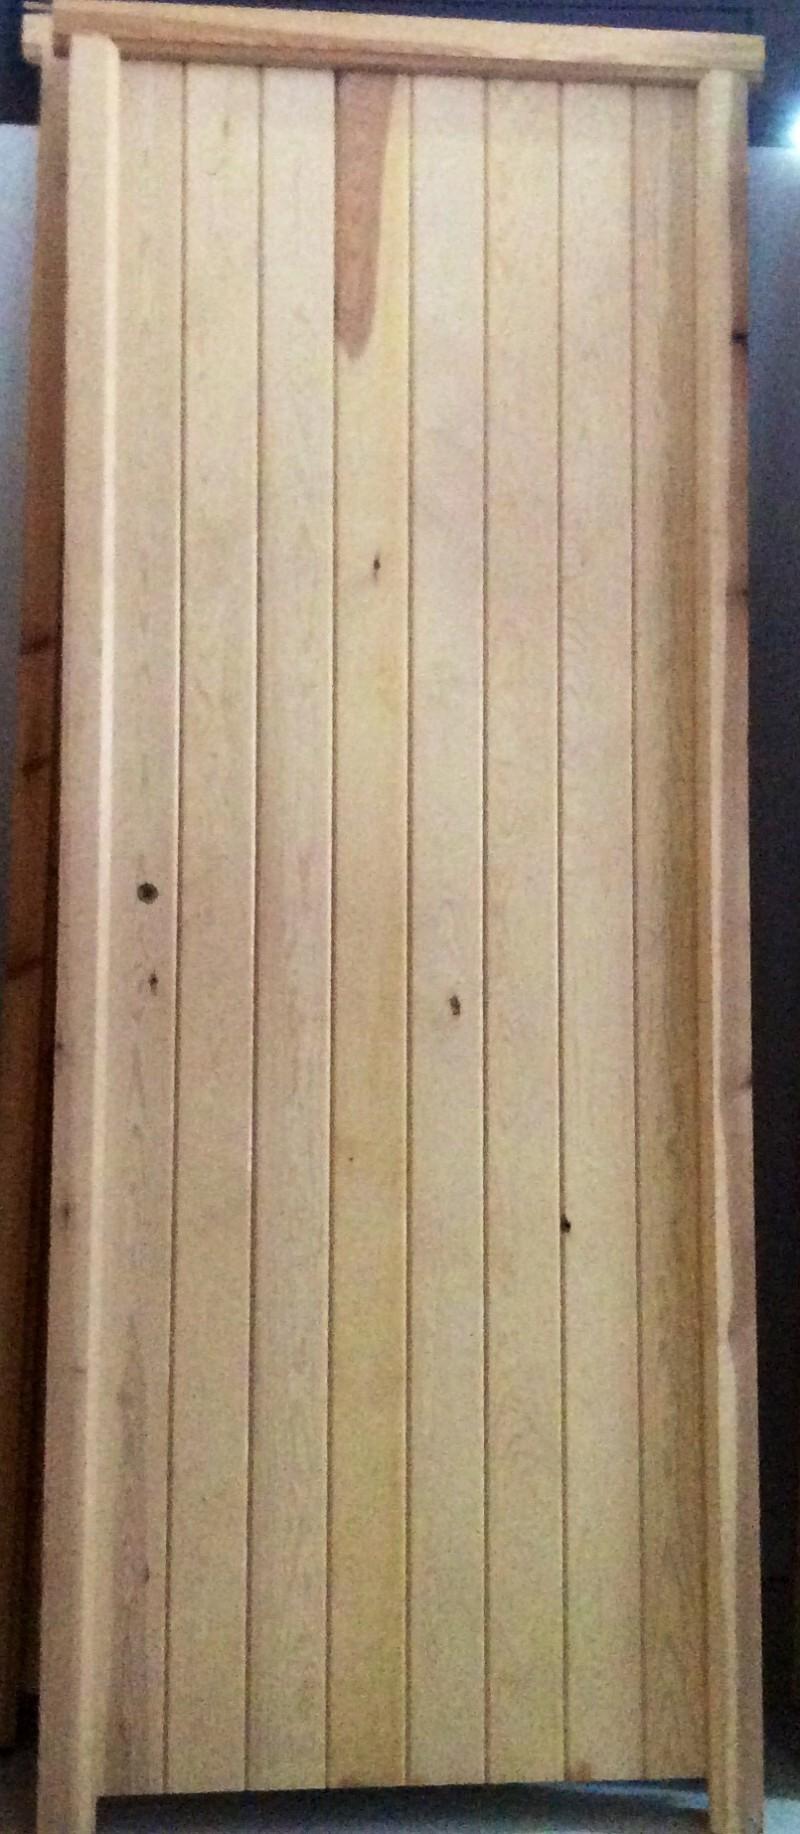 Puertas interiores puertas y ventanas cat logo for Catalogo de puertas de madera para interiores